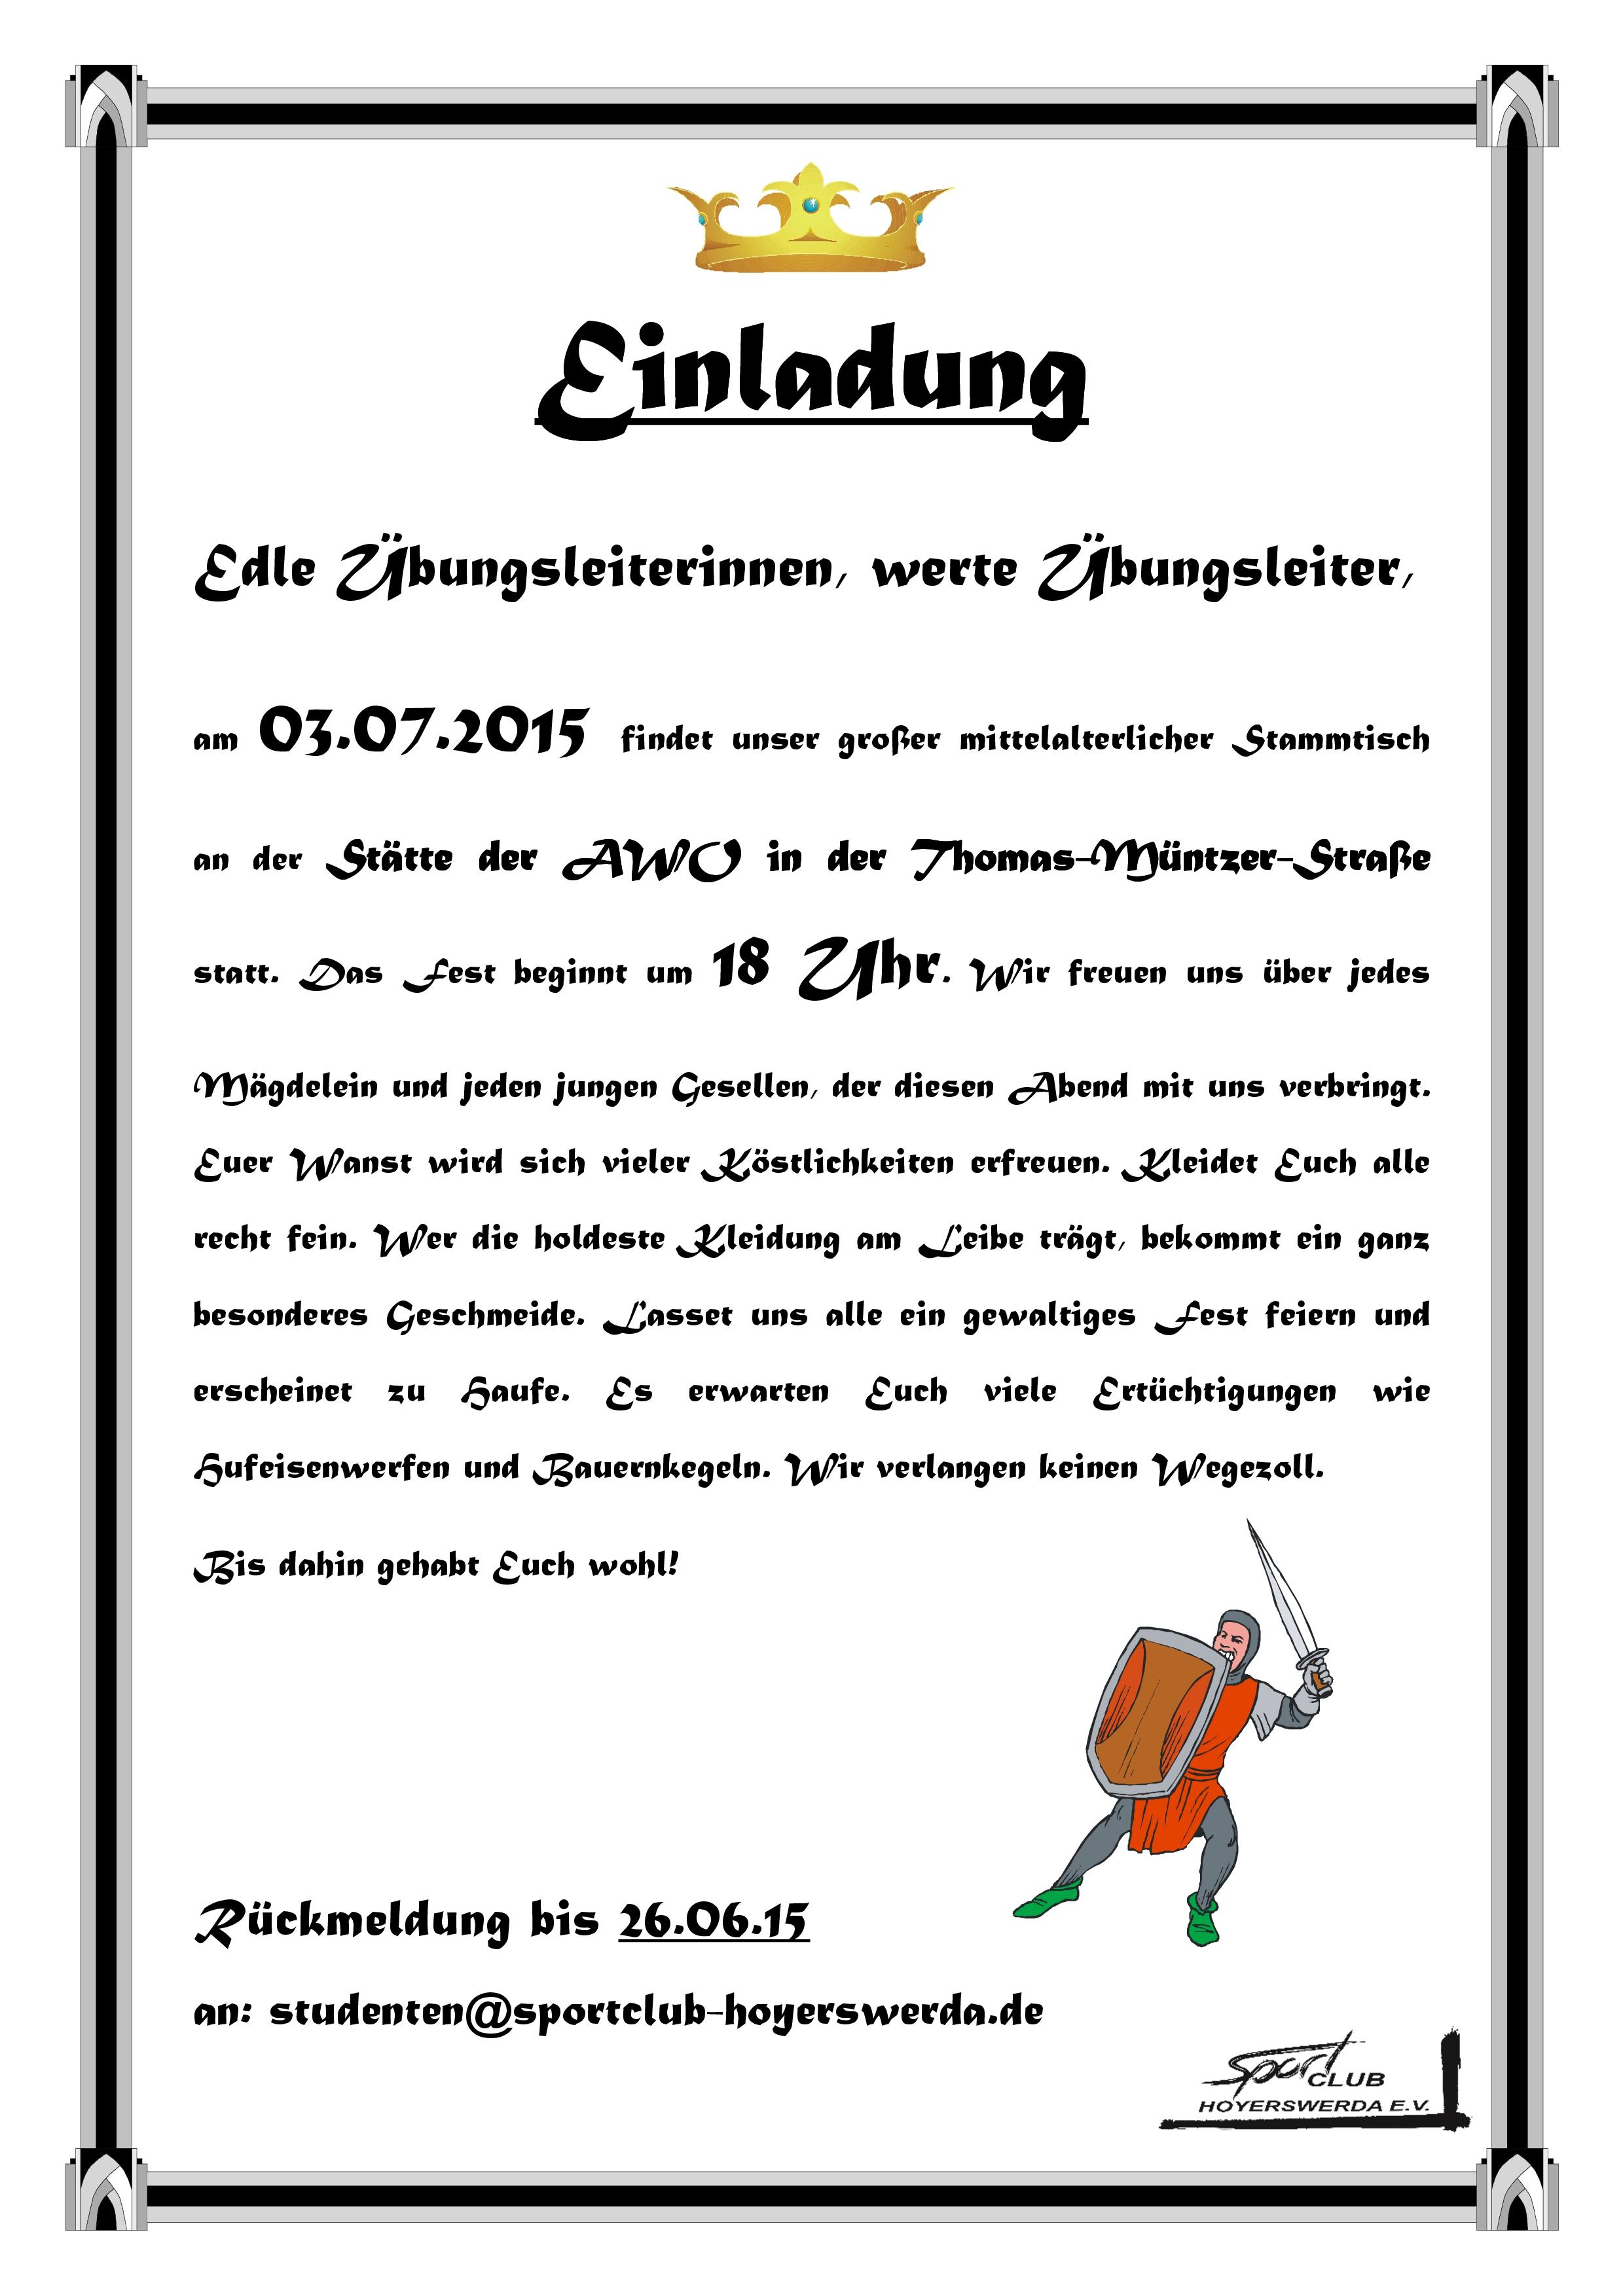 Übungsleiterstammtisch 2015   sportclub hoyerswerda e.v., Einladung